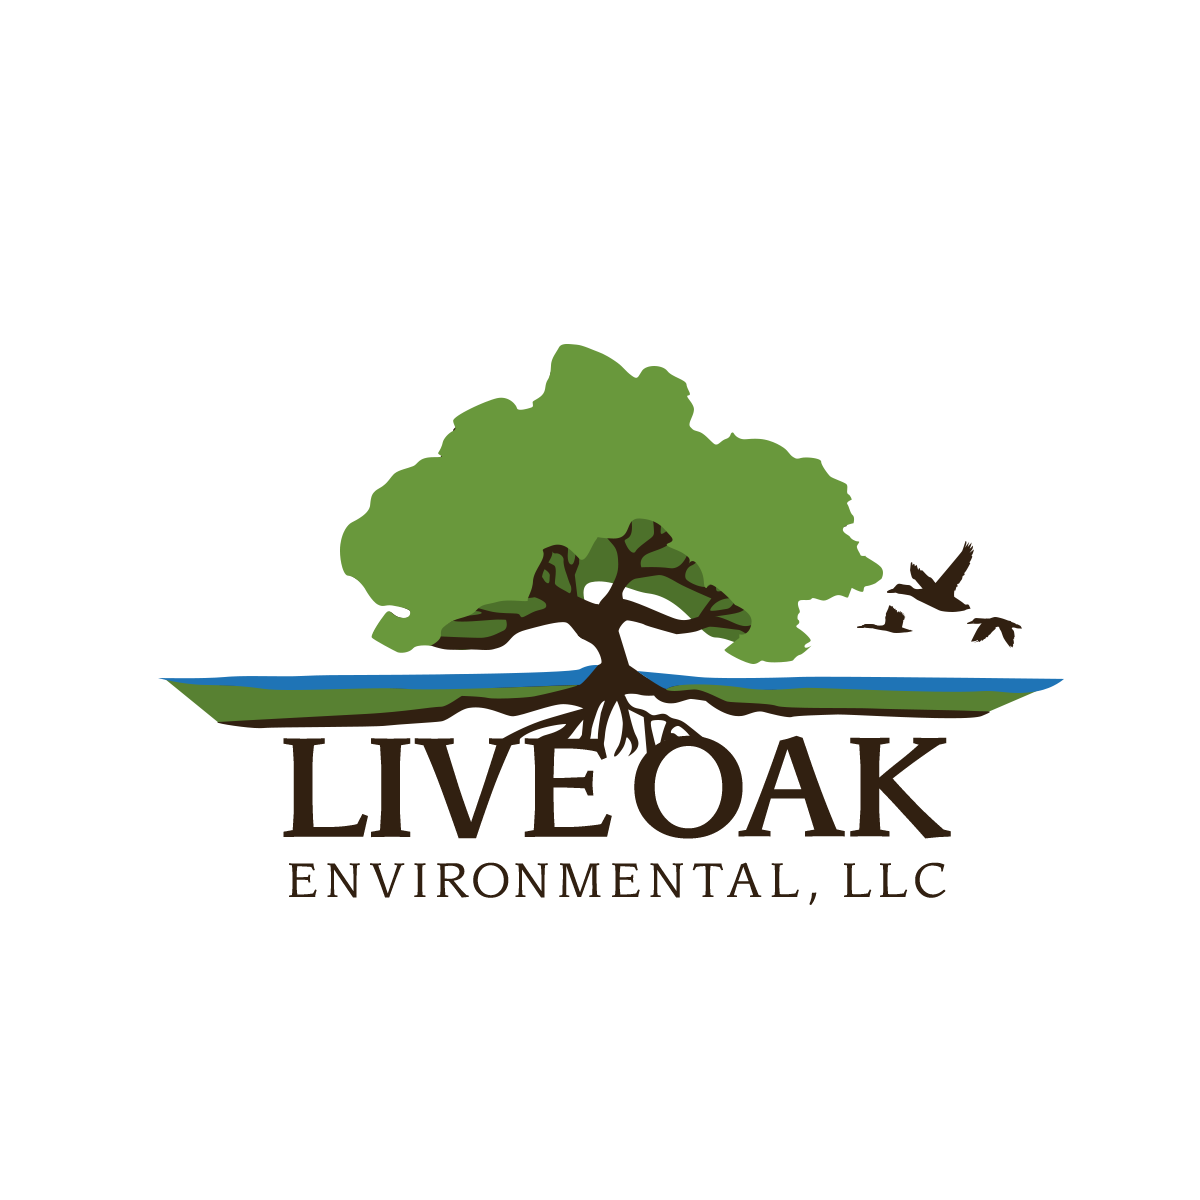 Live Oak Environmental